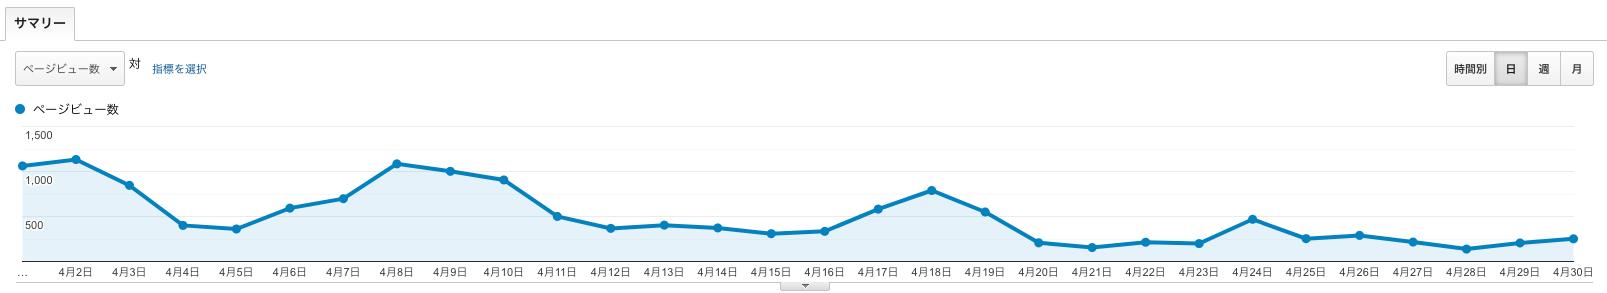 ブログ3ヶ月目のPVデイリー推移